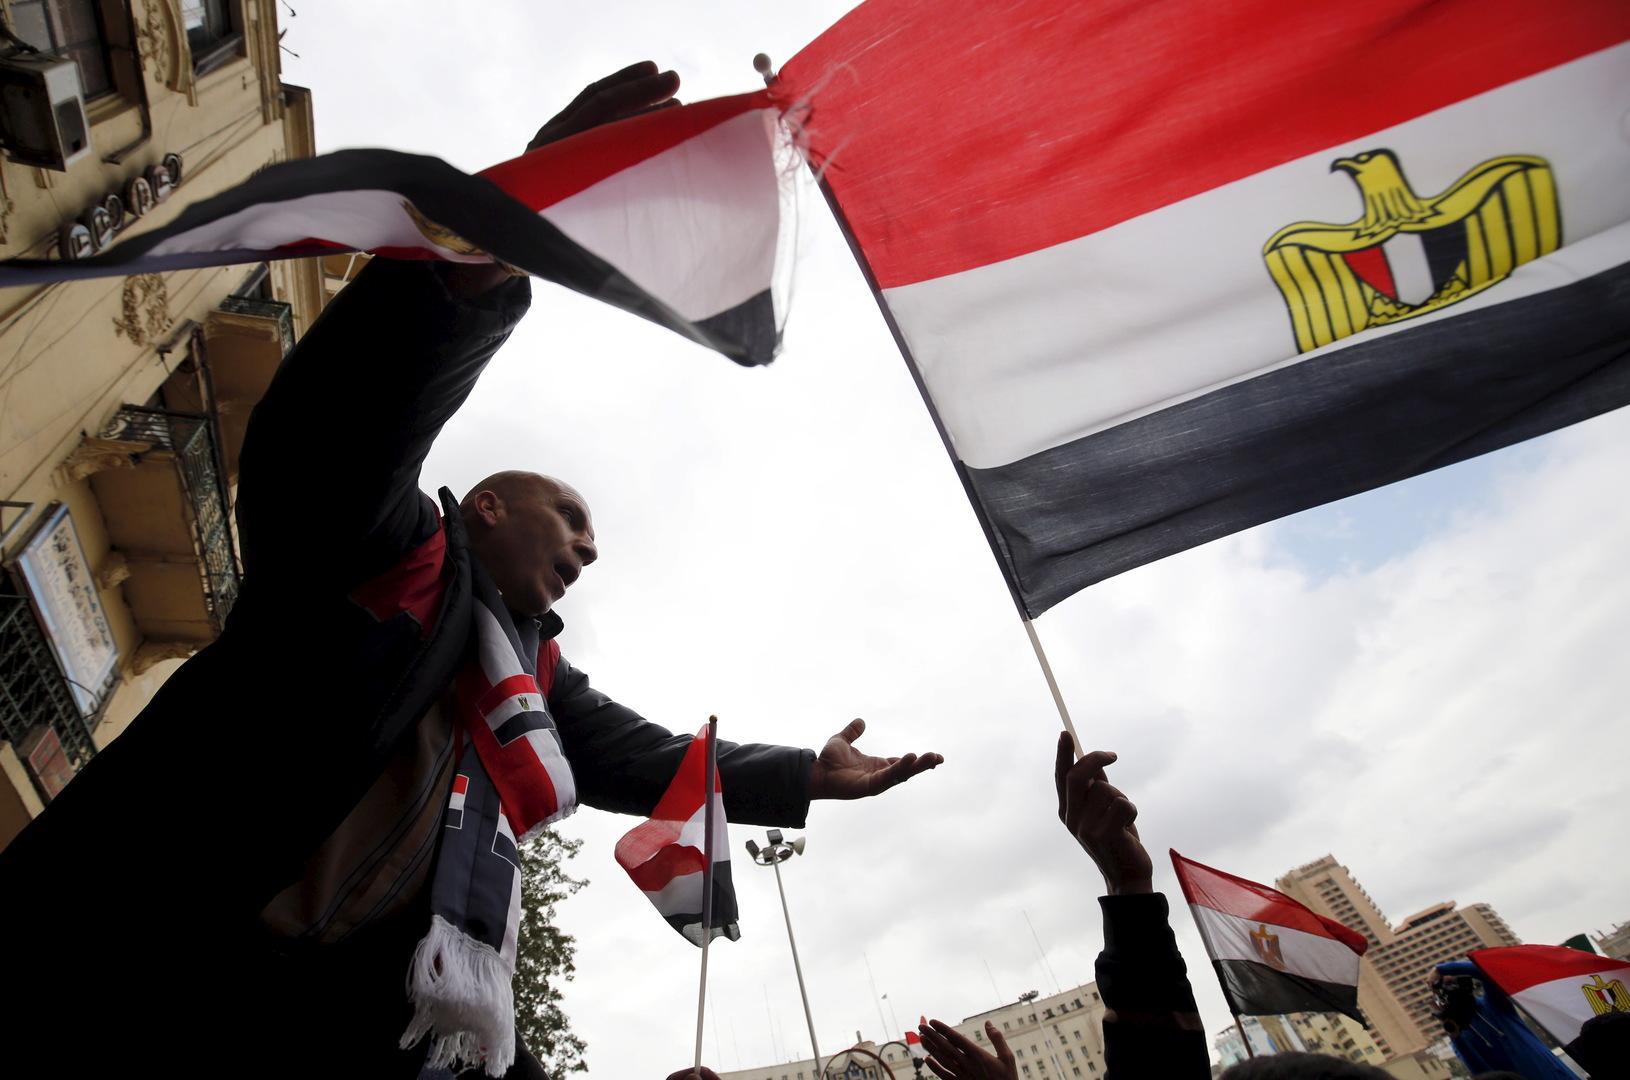 مصر.. فيديو لمواطن يهشم عظام طفلته الرضيعة يتسبب في غضب واسع